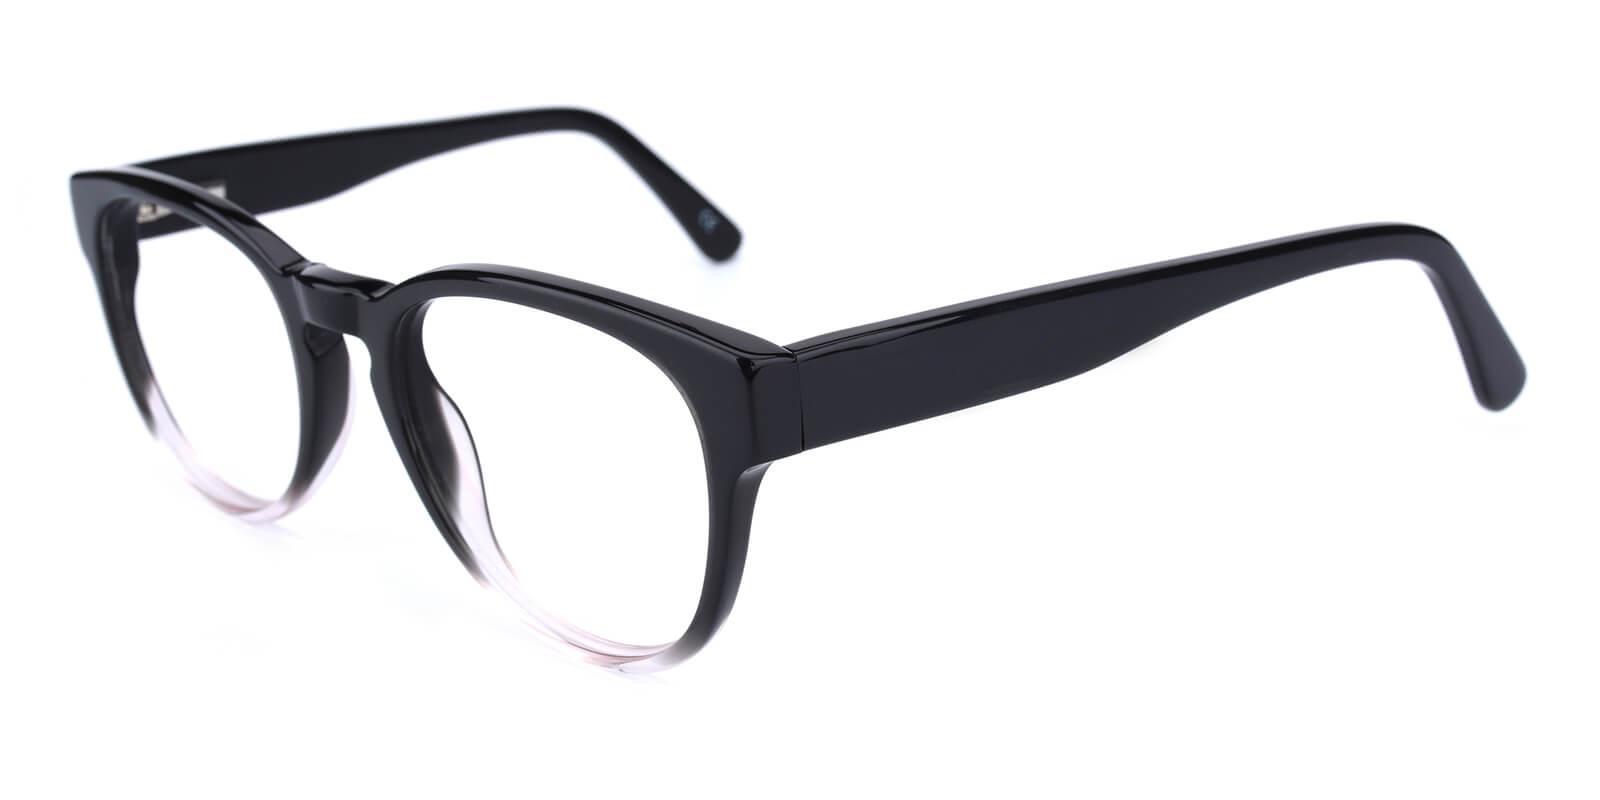 Bringmo-Translucent-Round / Cat-Acetate-Eyeglasses-additional1